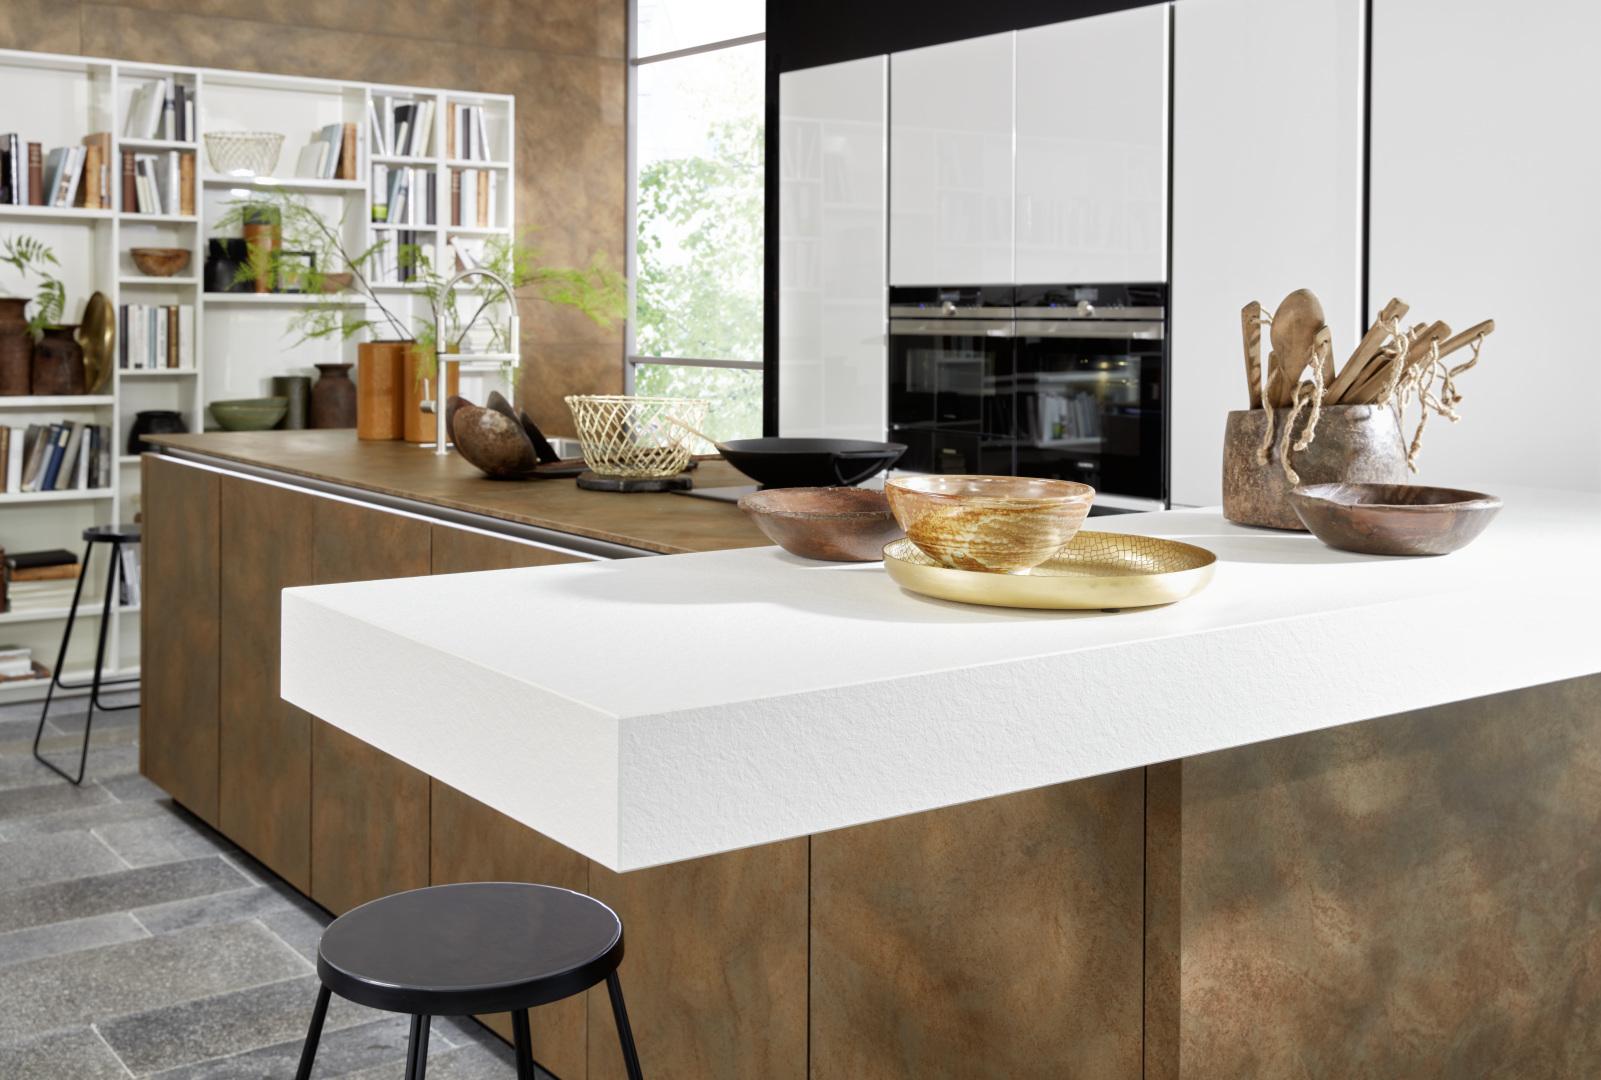 ameublement et intérieur moderne marron et blanc grand espace pour cuisiner